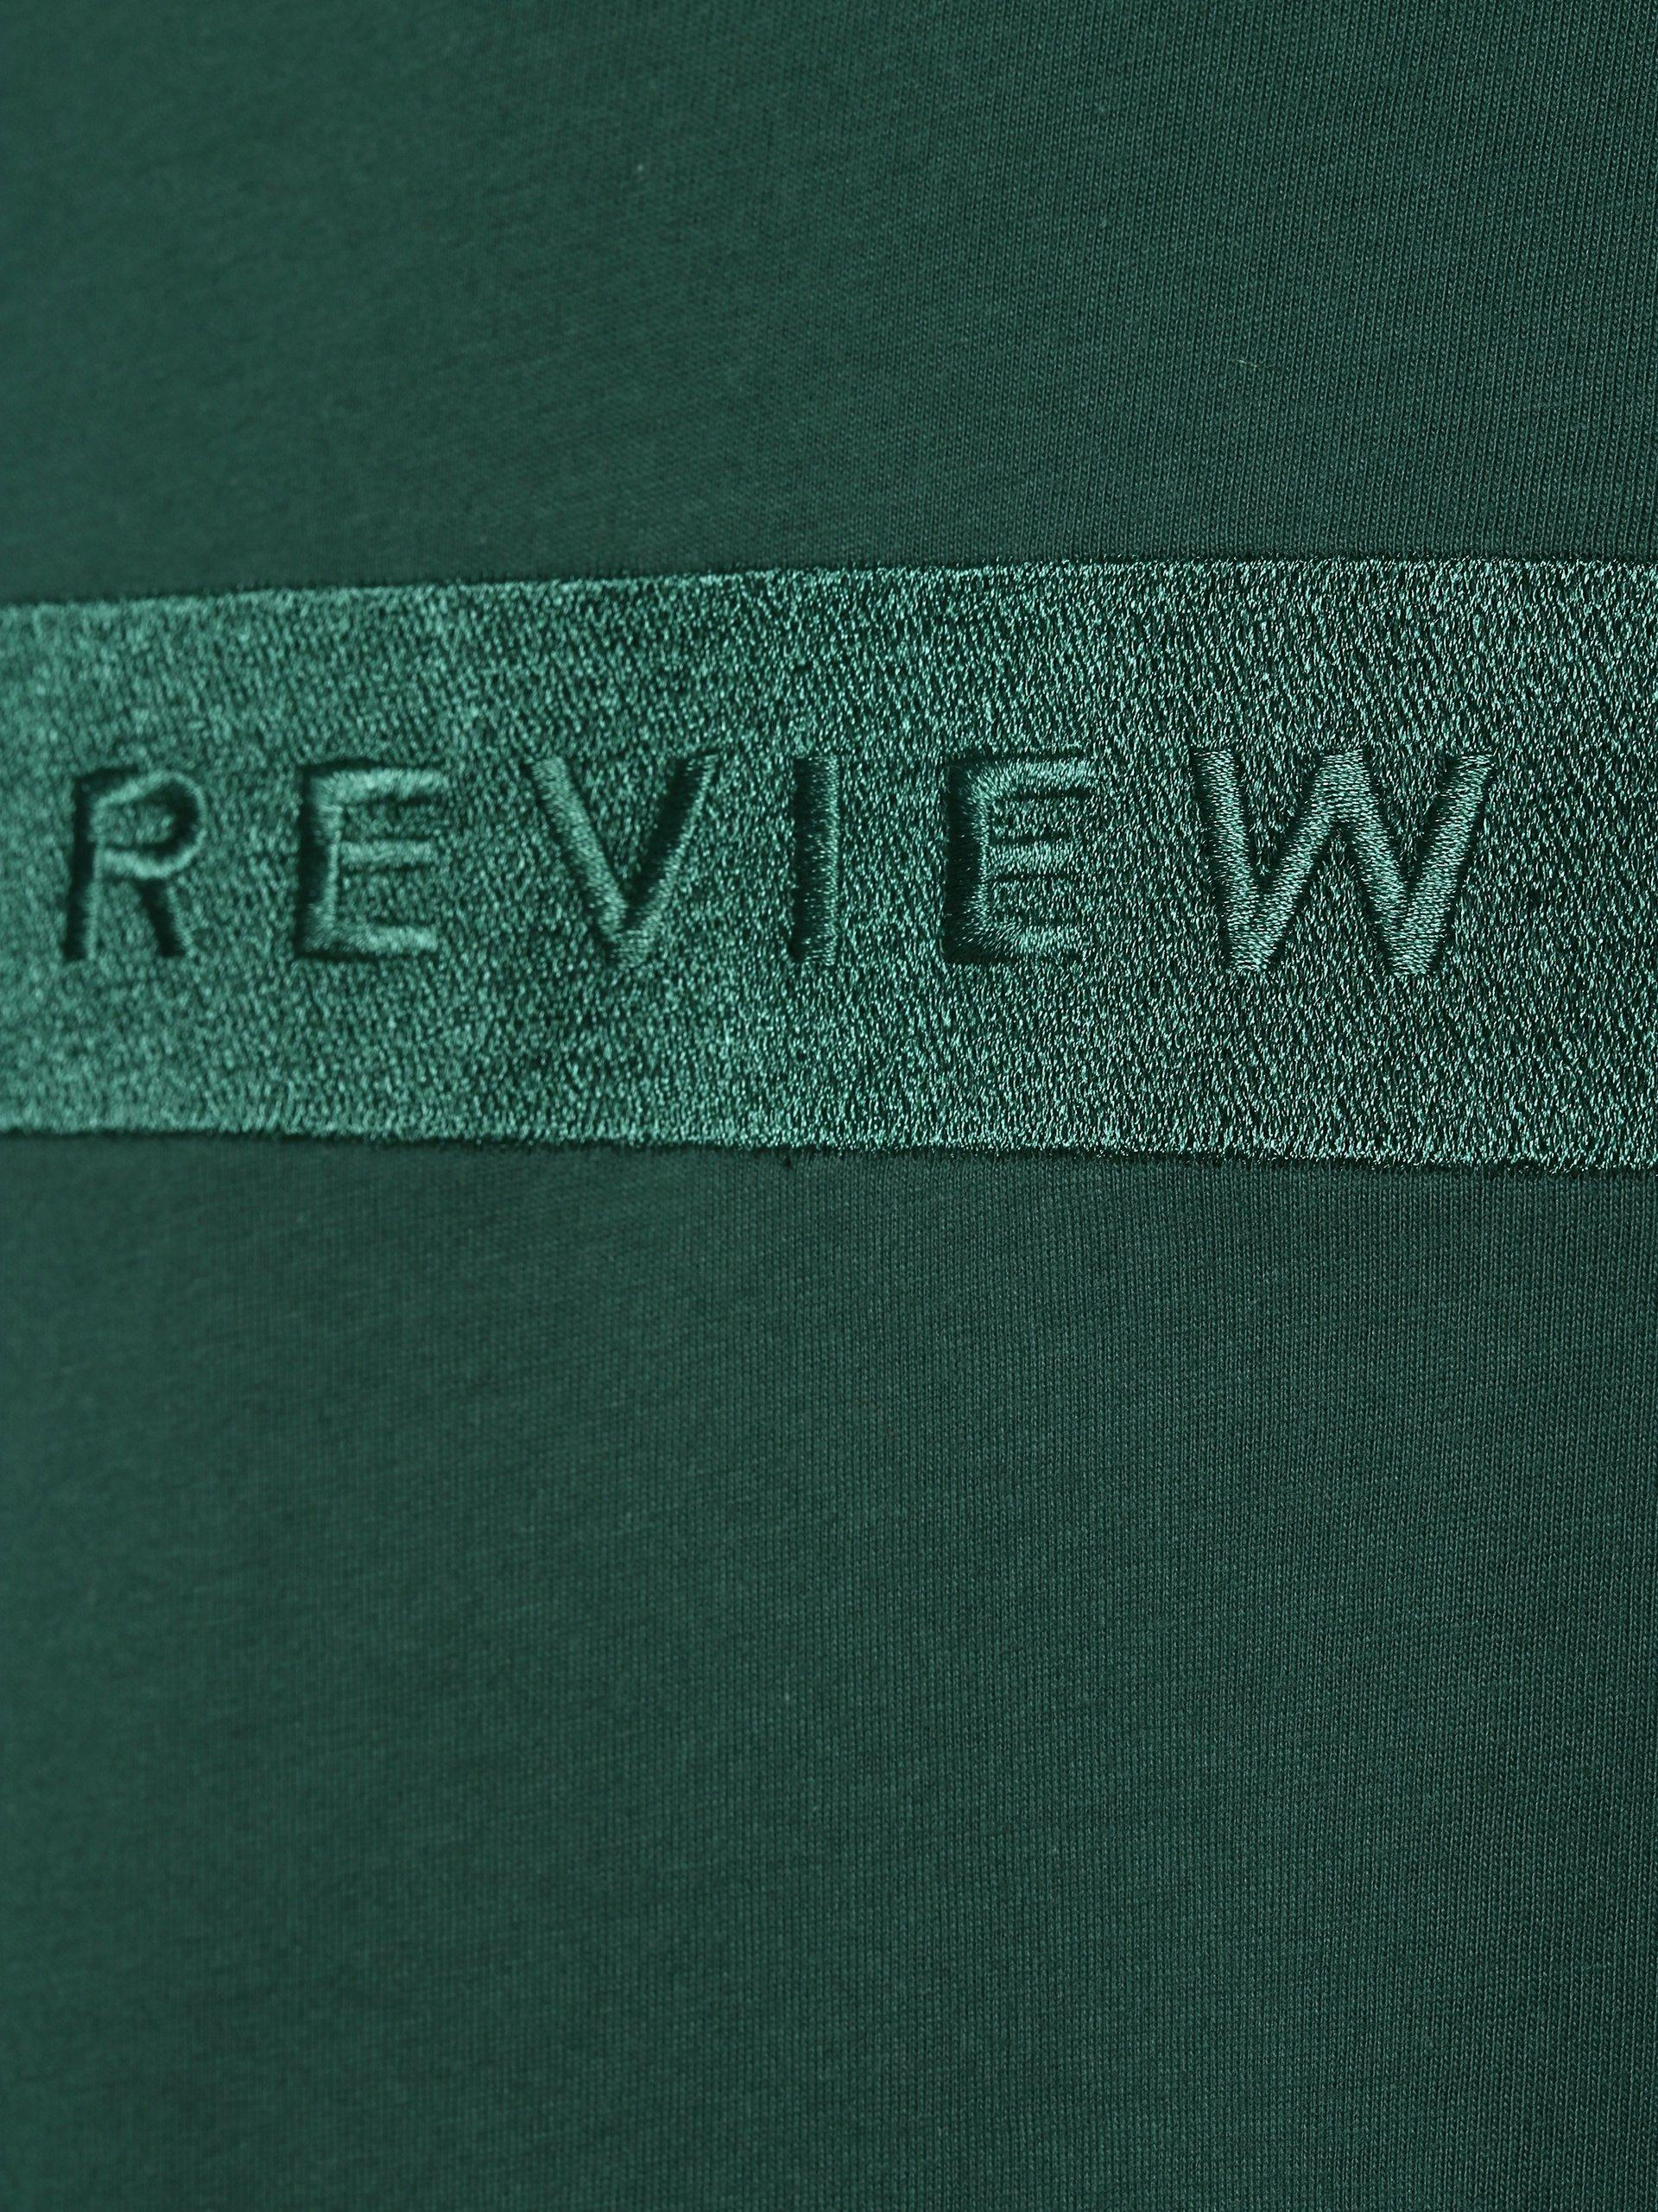 review herren t shirt gr n uni online kaufen peek und cloppenburg de. Black Bedroom Furniture Sets. Home Design Ideas